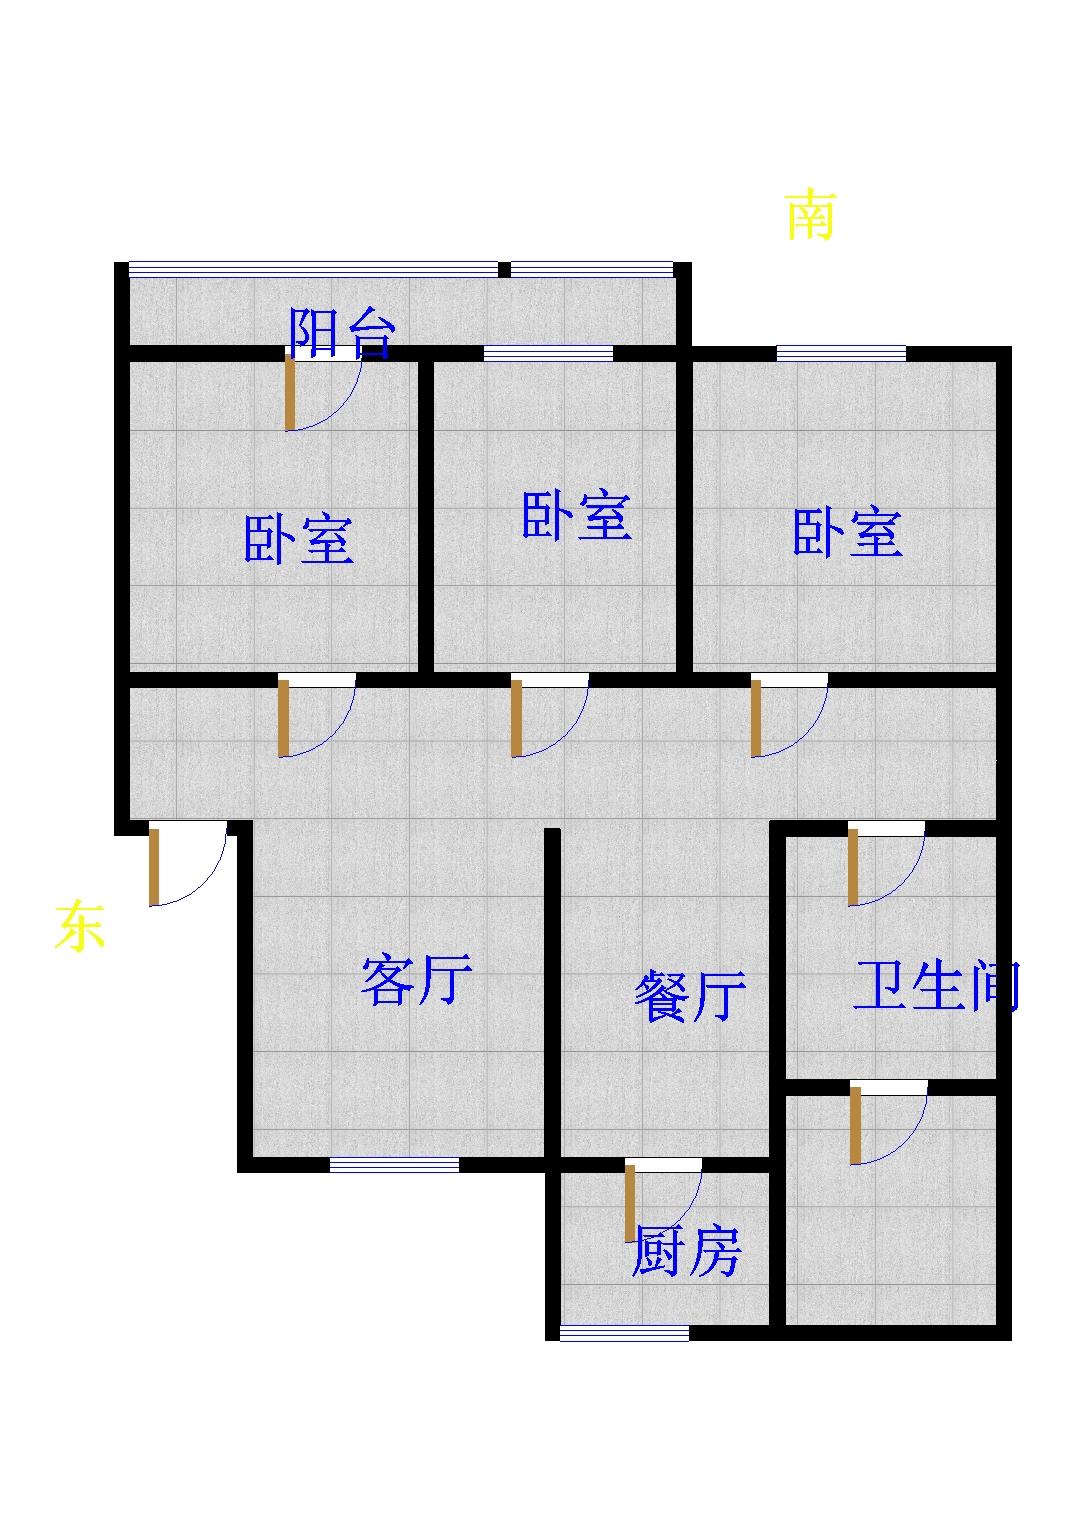 跃华中学宿舍 3室2厅 过五年 精装 58万